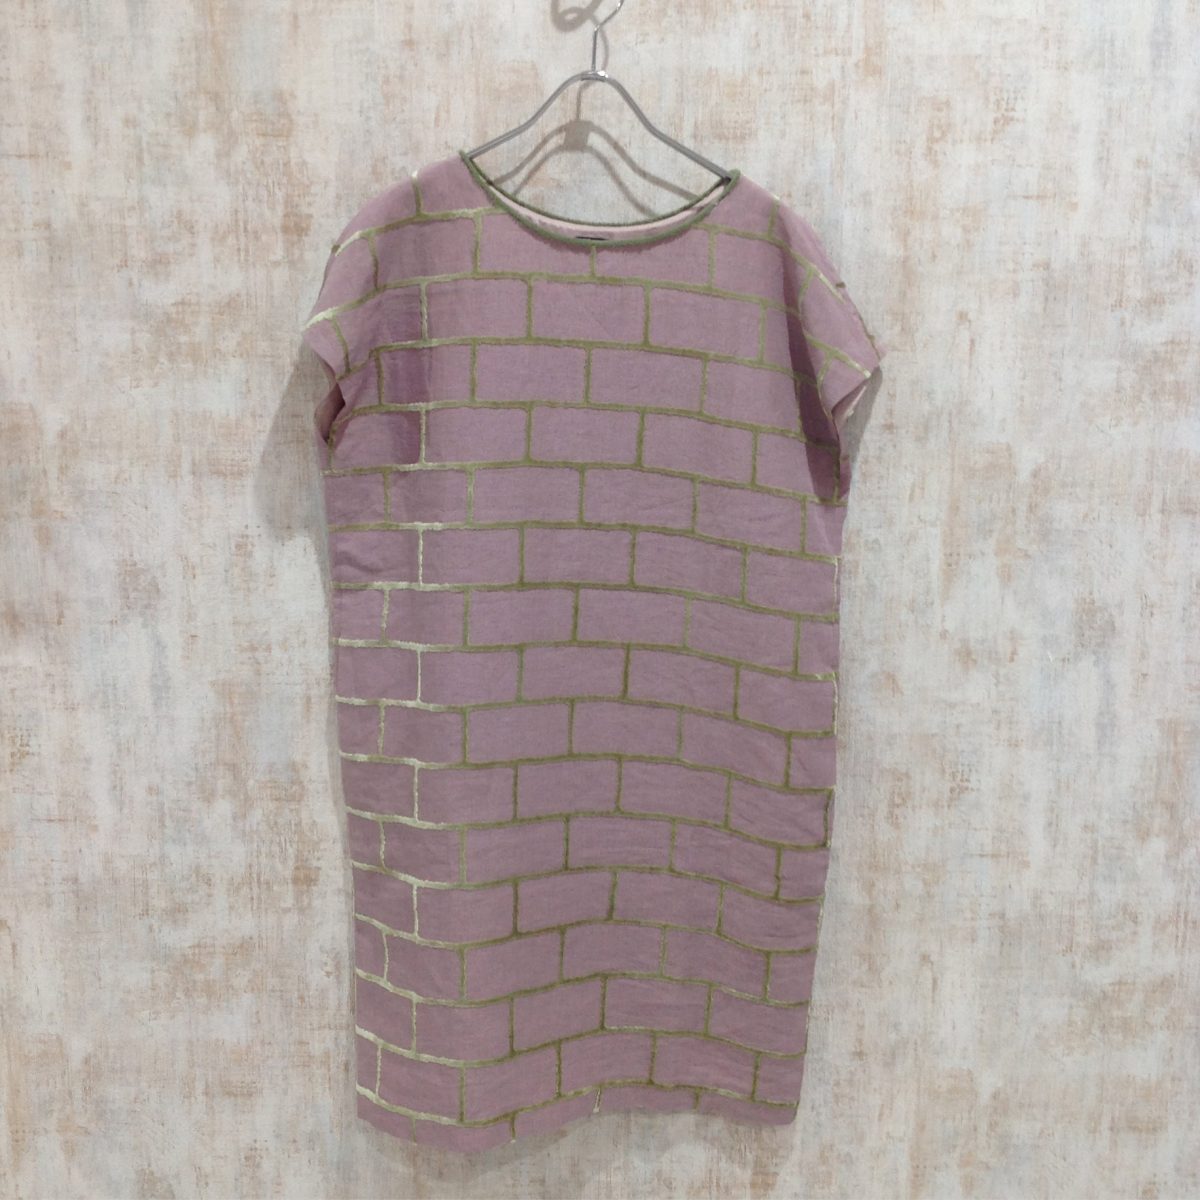 mina perhonen brick ミナペルホネン